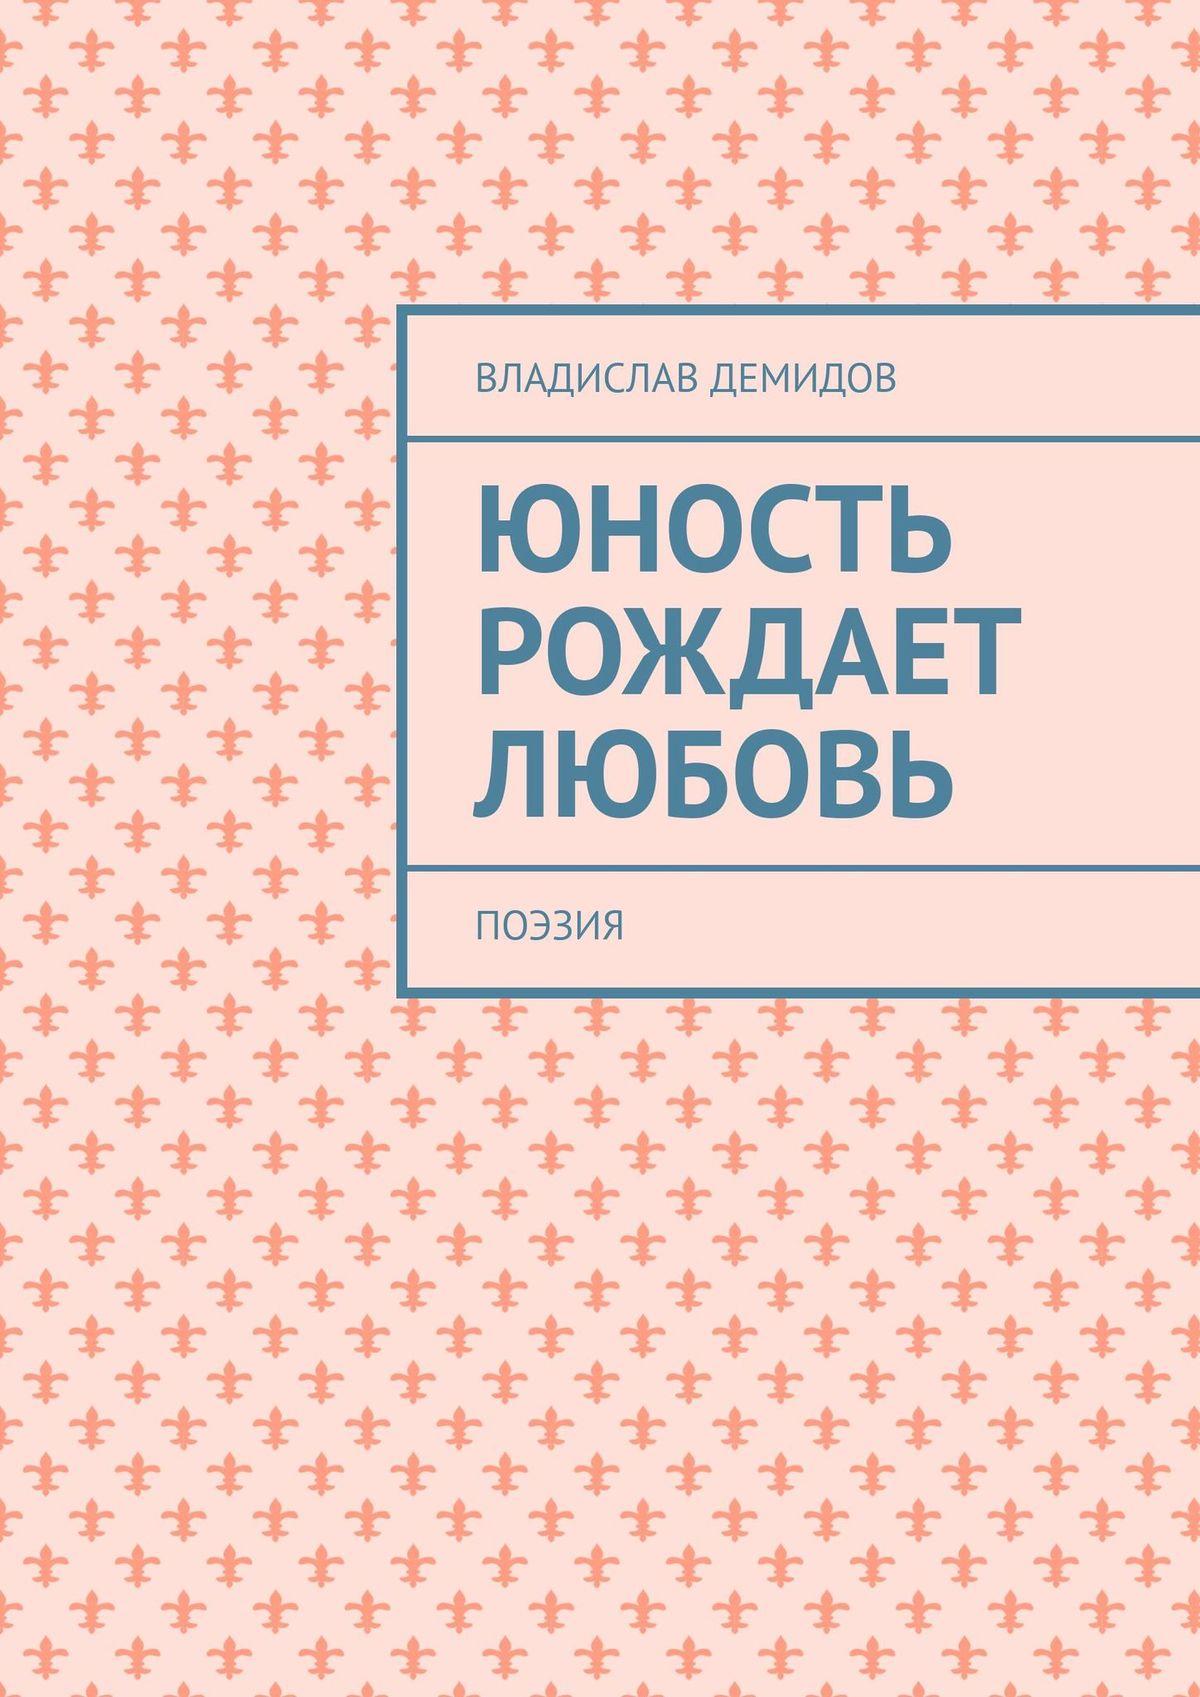 Владислав Демидов Юность рождает любовь. Поэзия